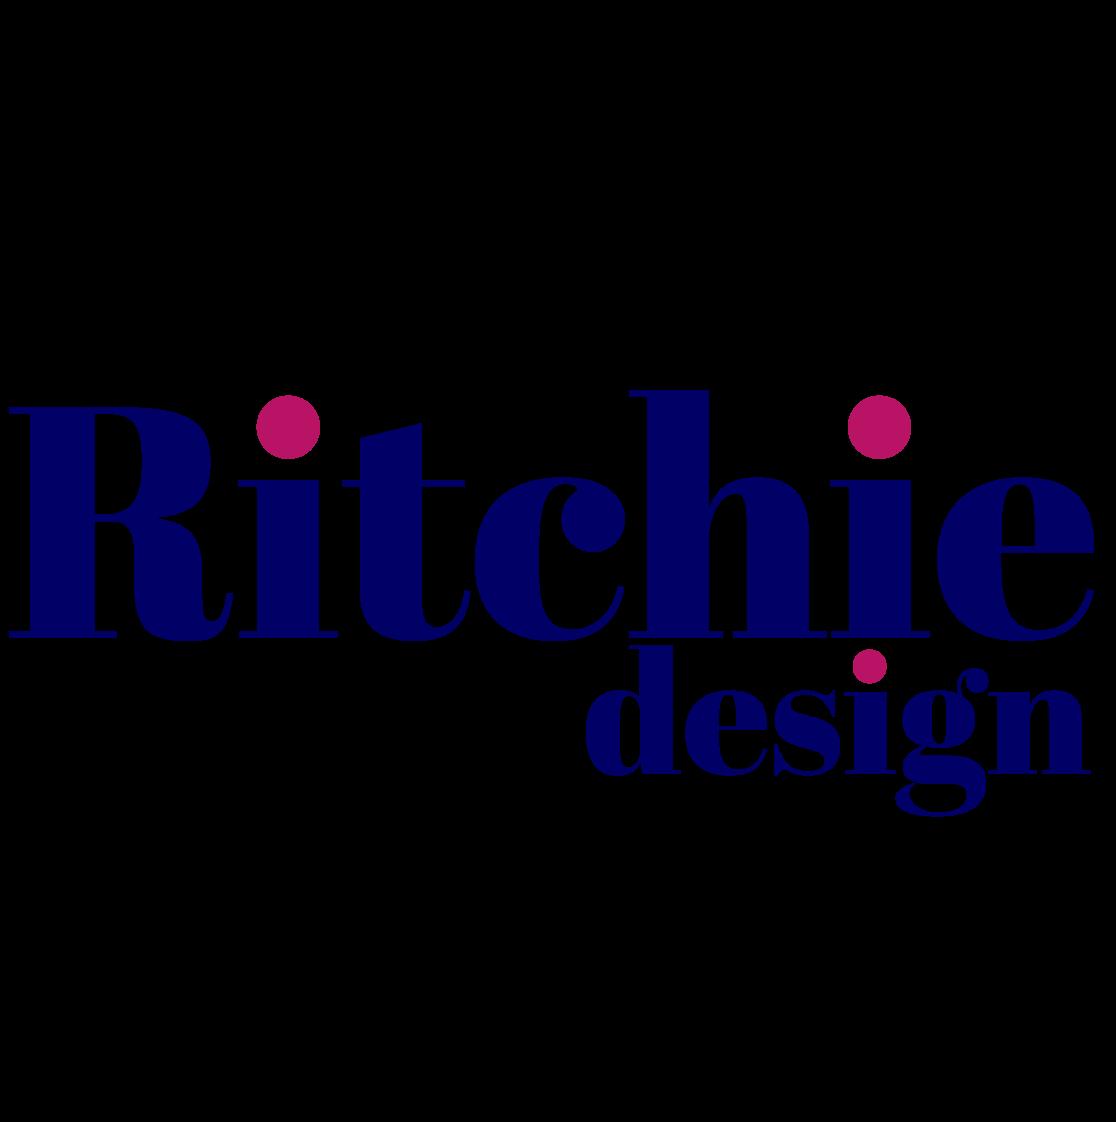 Ritchie Design